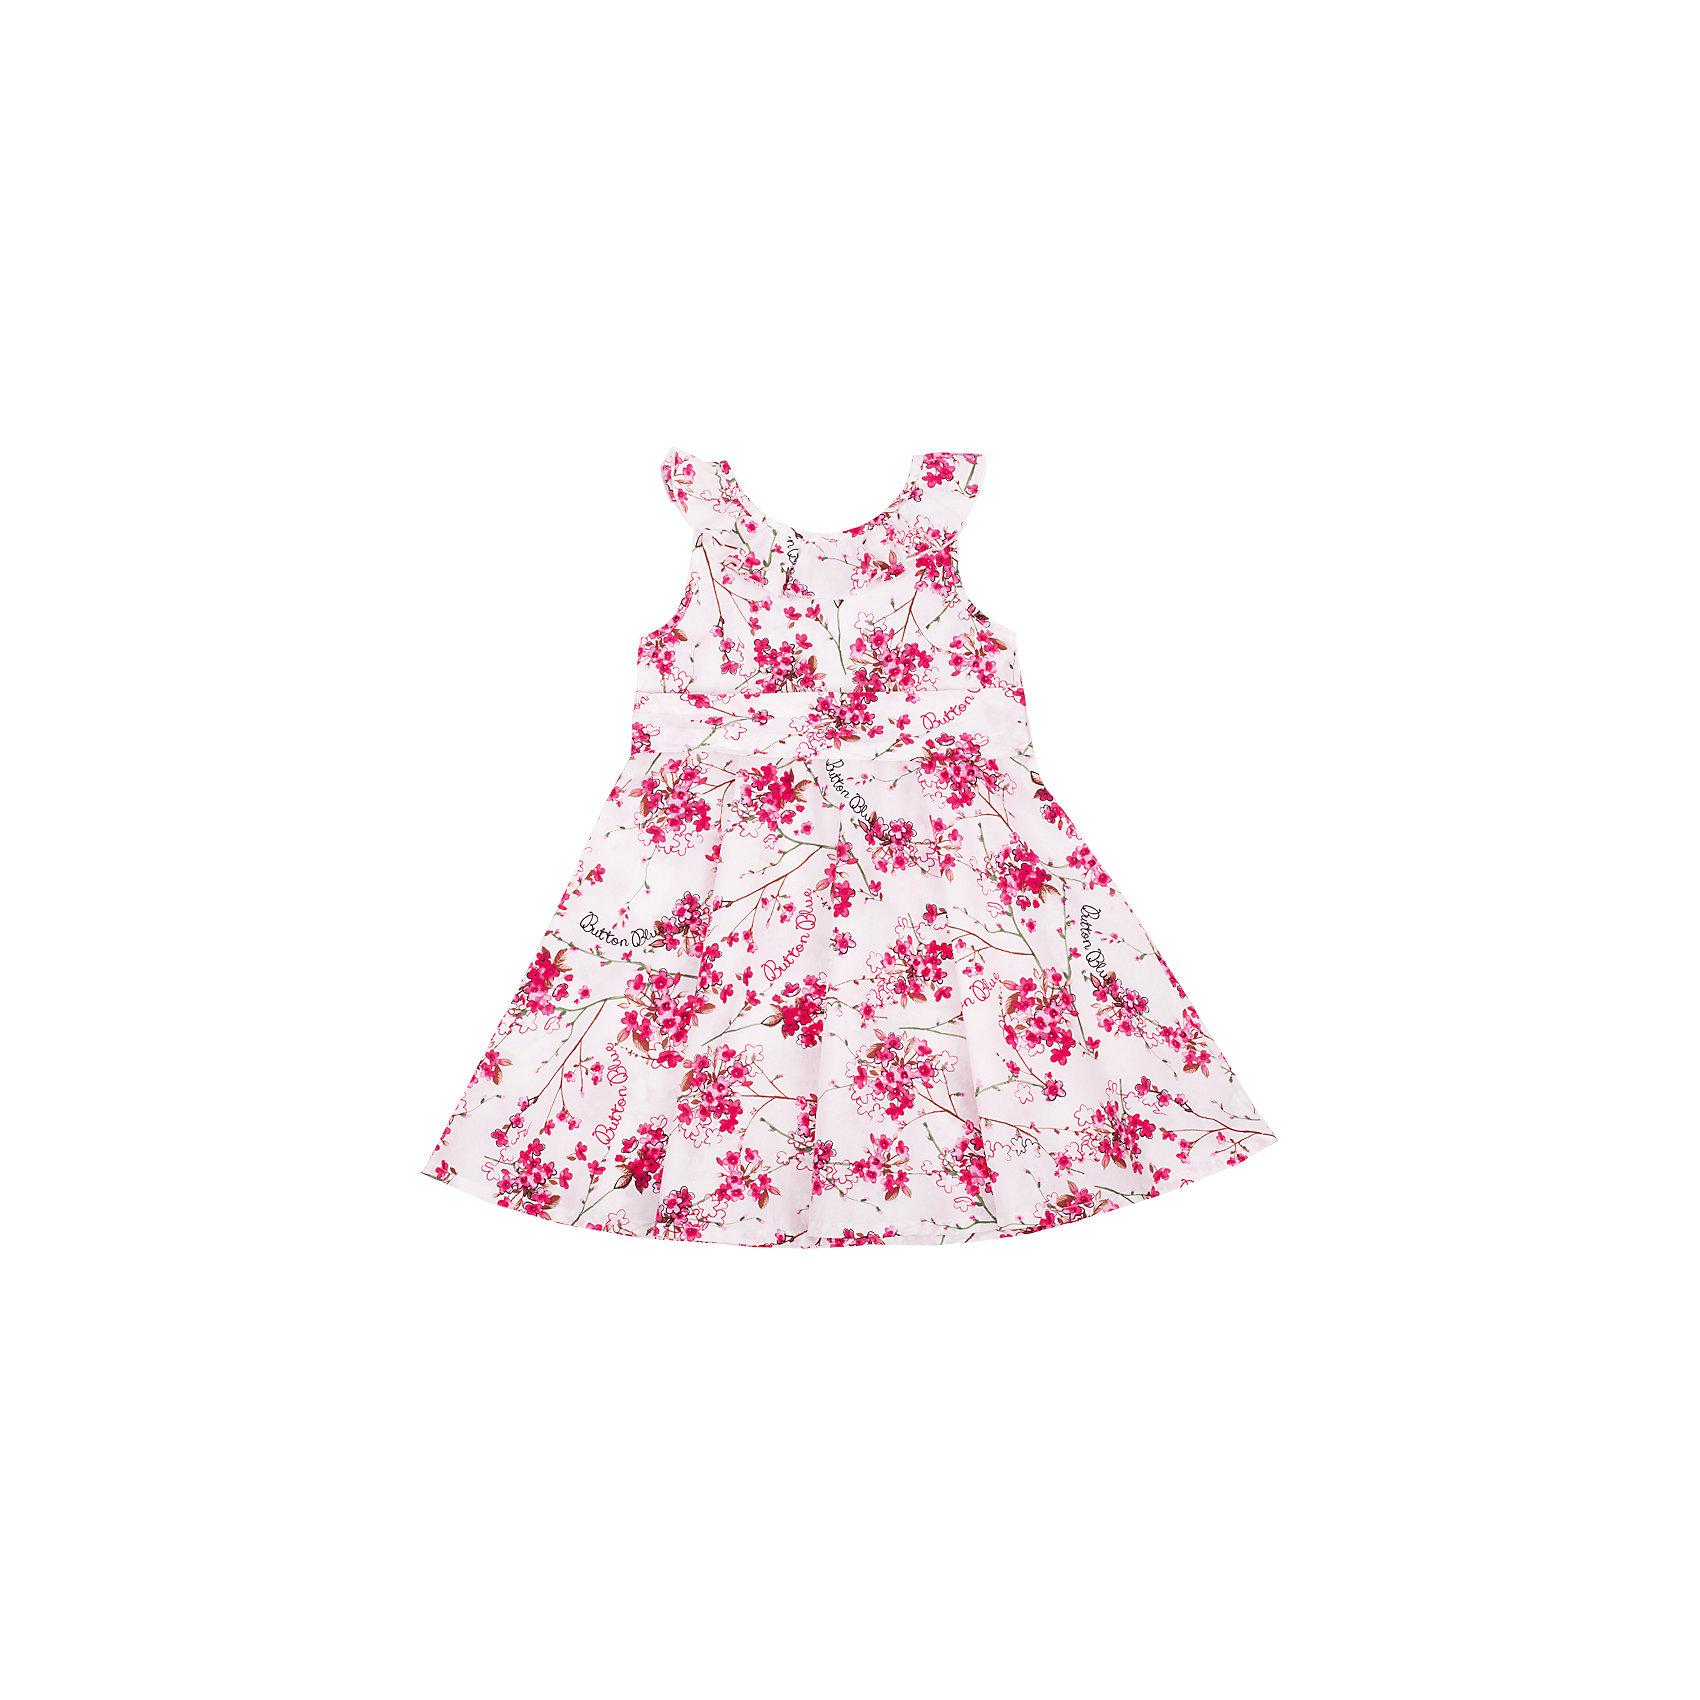 Платье для девочки Button BlueОдежда<br>Классный сарафан с цветочным рисунком - отличный вариант и на каждый день, и на выход. Он выглядит ярко, сделан из 100% хлопка, прекрасно сидит и смотрится на фигуре. Отличное качество и доступная цена прилагаются. Если Вы хотите купить красивый сарафан для девочки недорого и быстро, сарафан Button Blue - то, что нужно!<br>Состав:<br>100% хлопок<br><br>Ширина мм: 236<br>Глубина мм: 16<br>Высота мм: 184<br>Вес г: 177<br>Цвет: разноцветный<br>Возраст от месяцев: 24<br>Возраст до месяцев: 36<br>Пол: Женский<br>Возраст: Детский<br>Размер: 98,104,110,122,116<br>SKU: 4510810